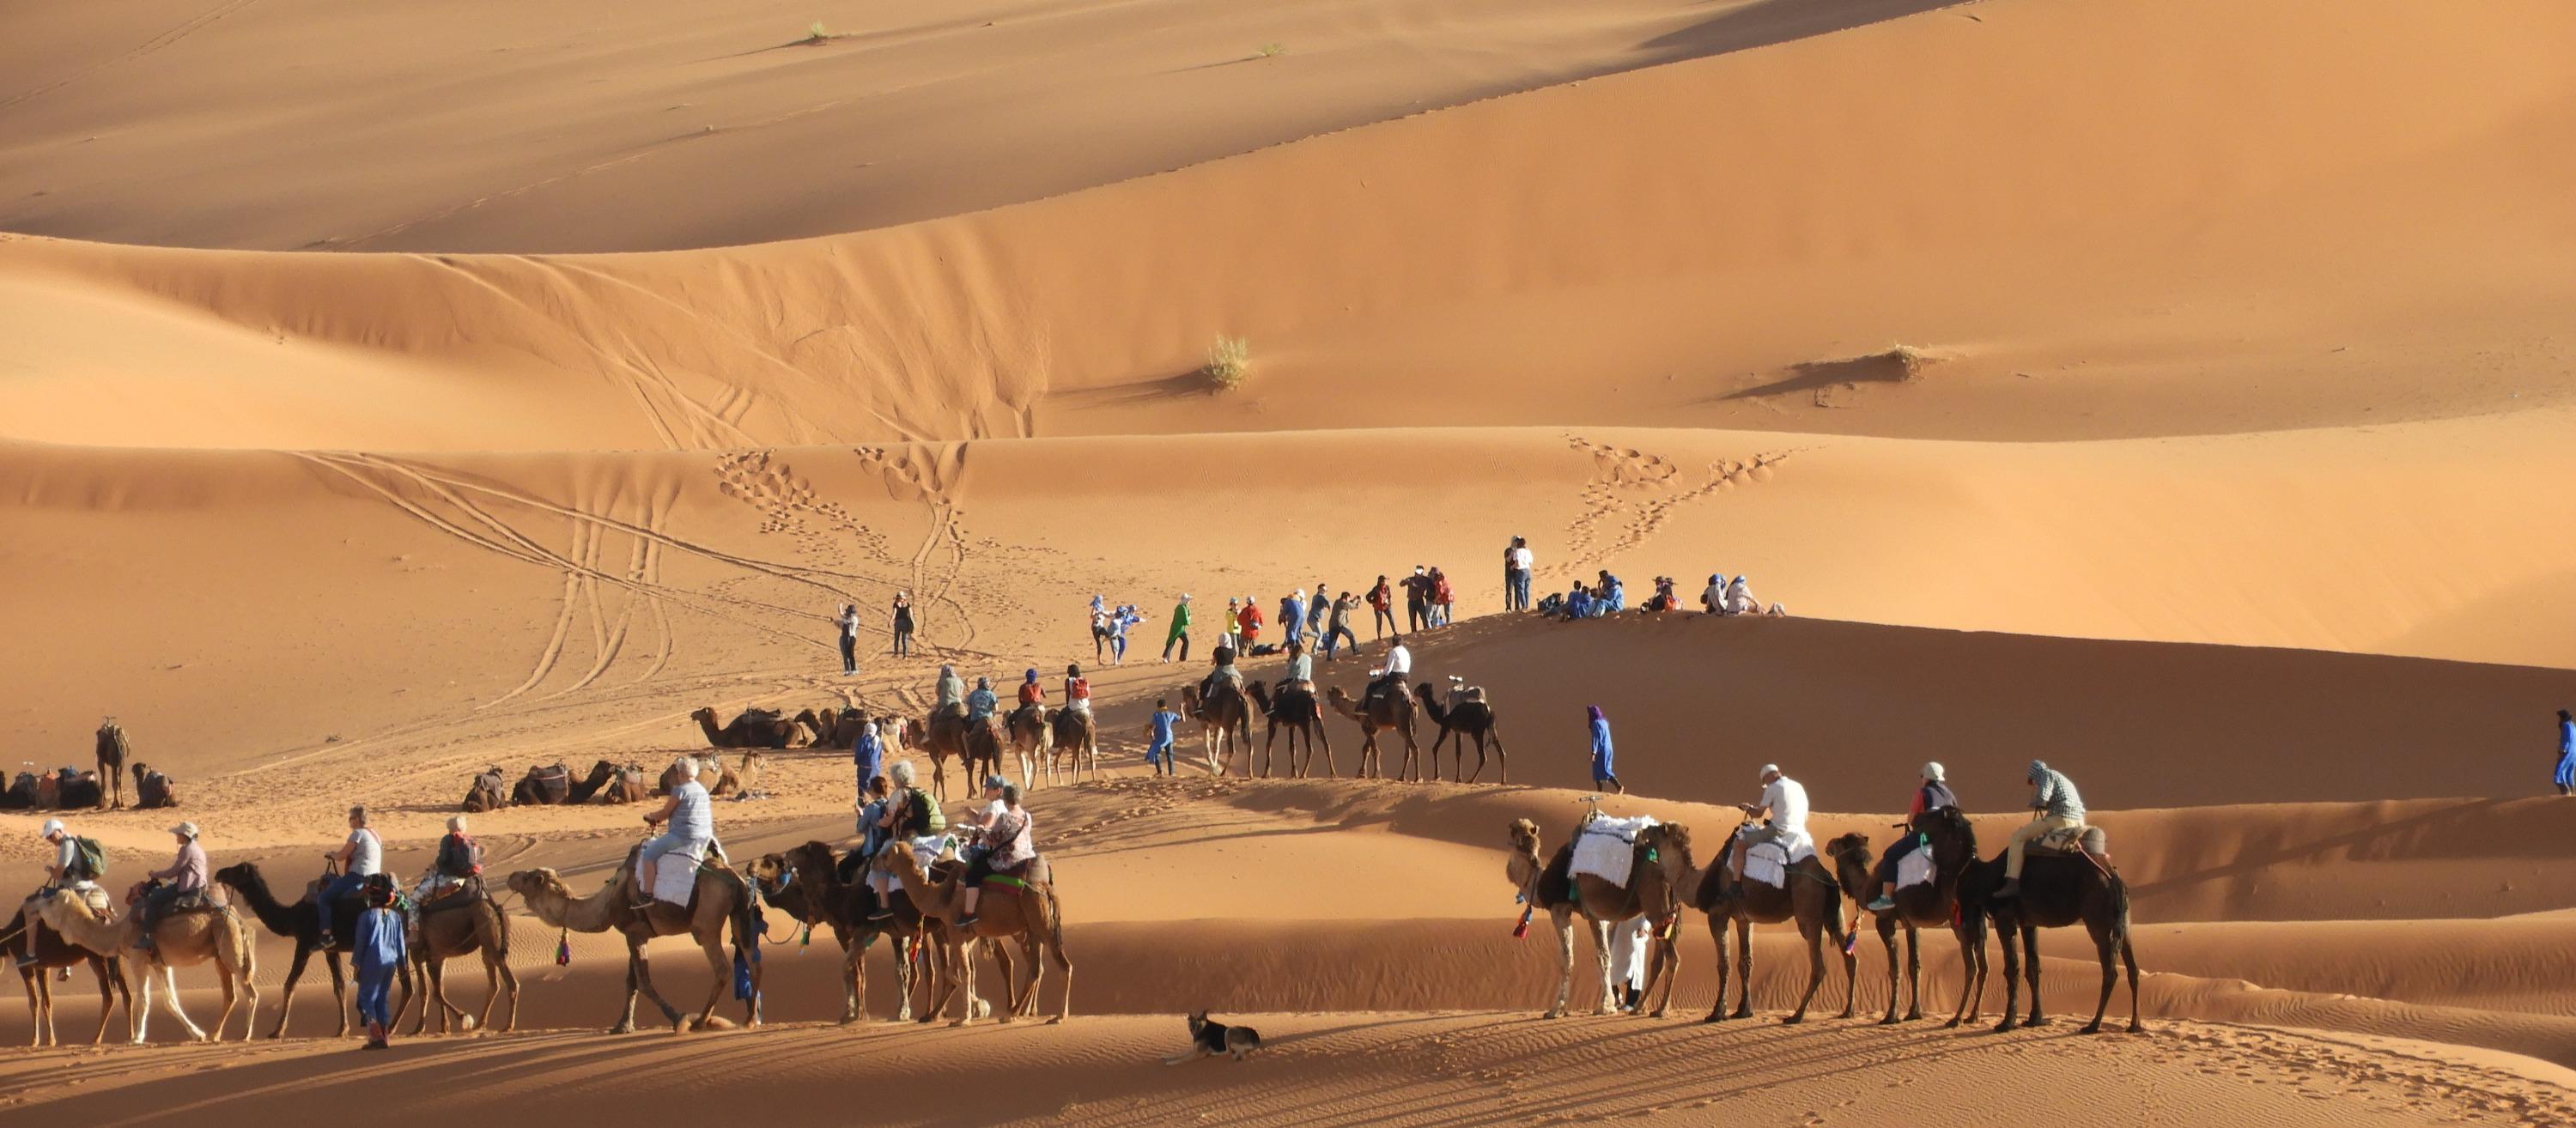 EXCURSION IN MERZOUGA DESERT